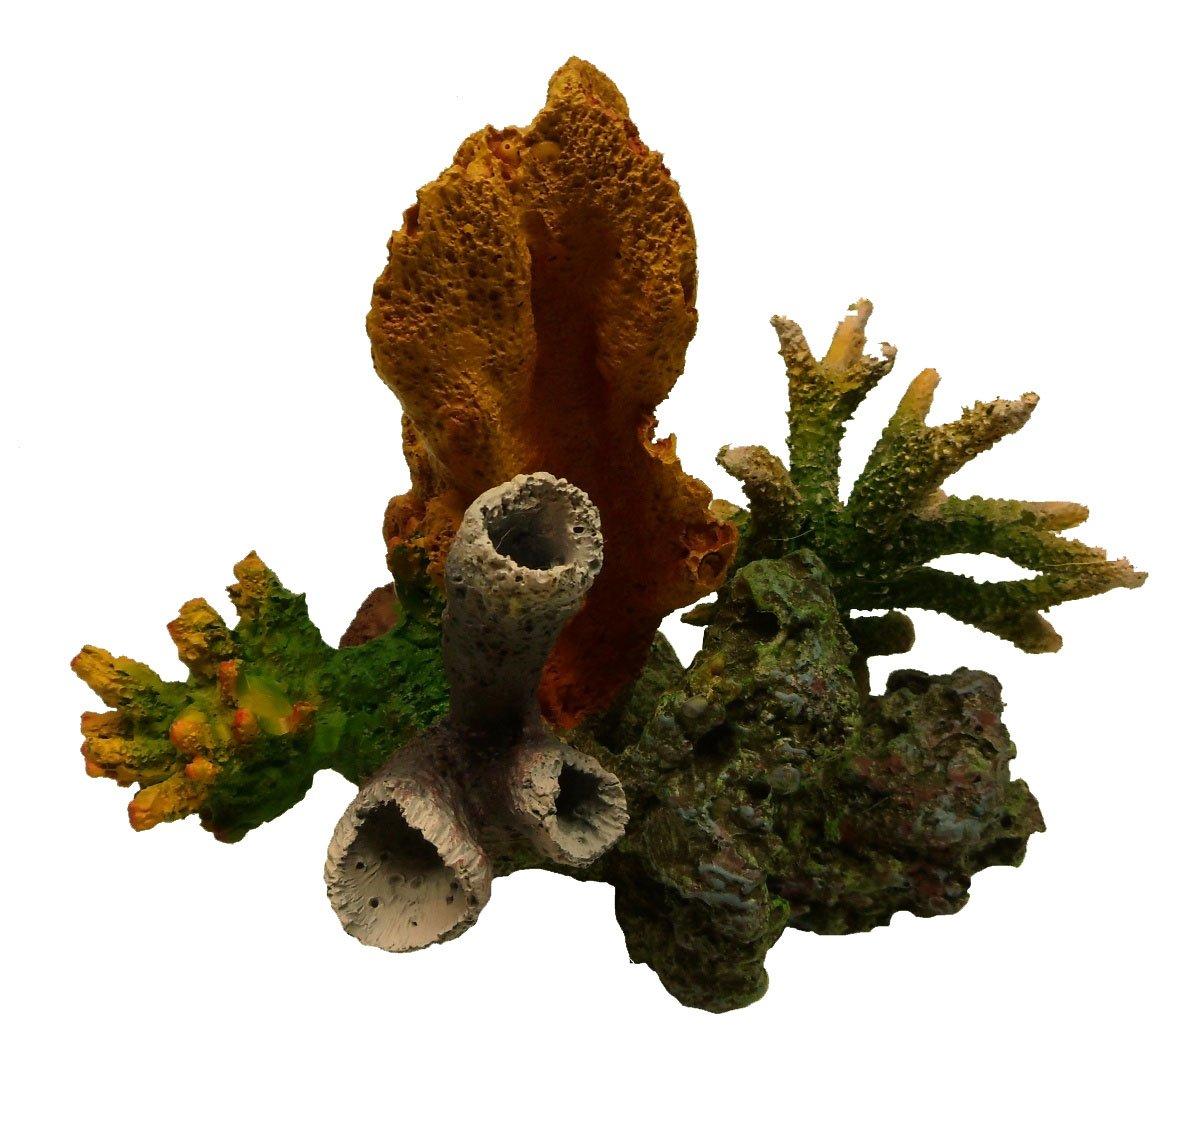 Imitation Live Coral Colony SPS TZS30B Aquarium Decoration Resin Ornament